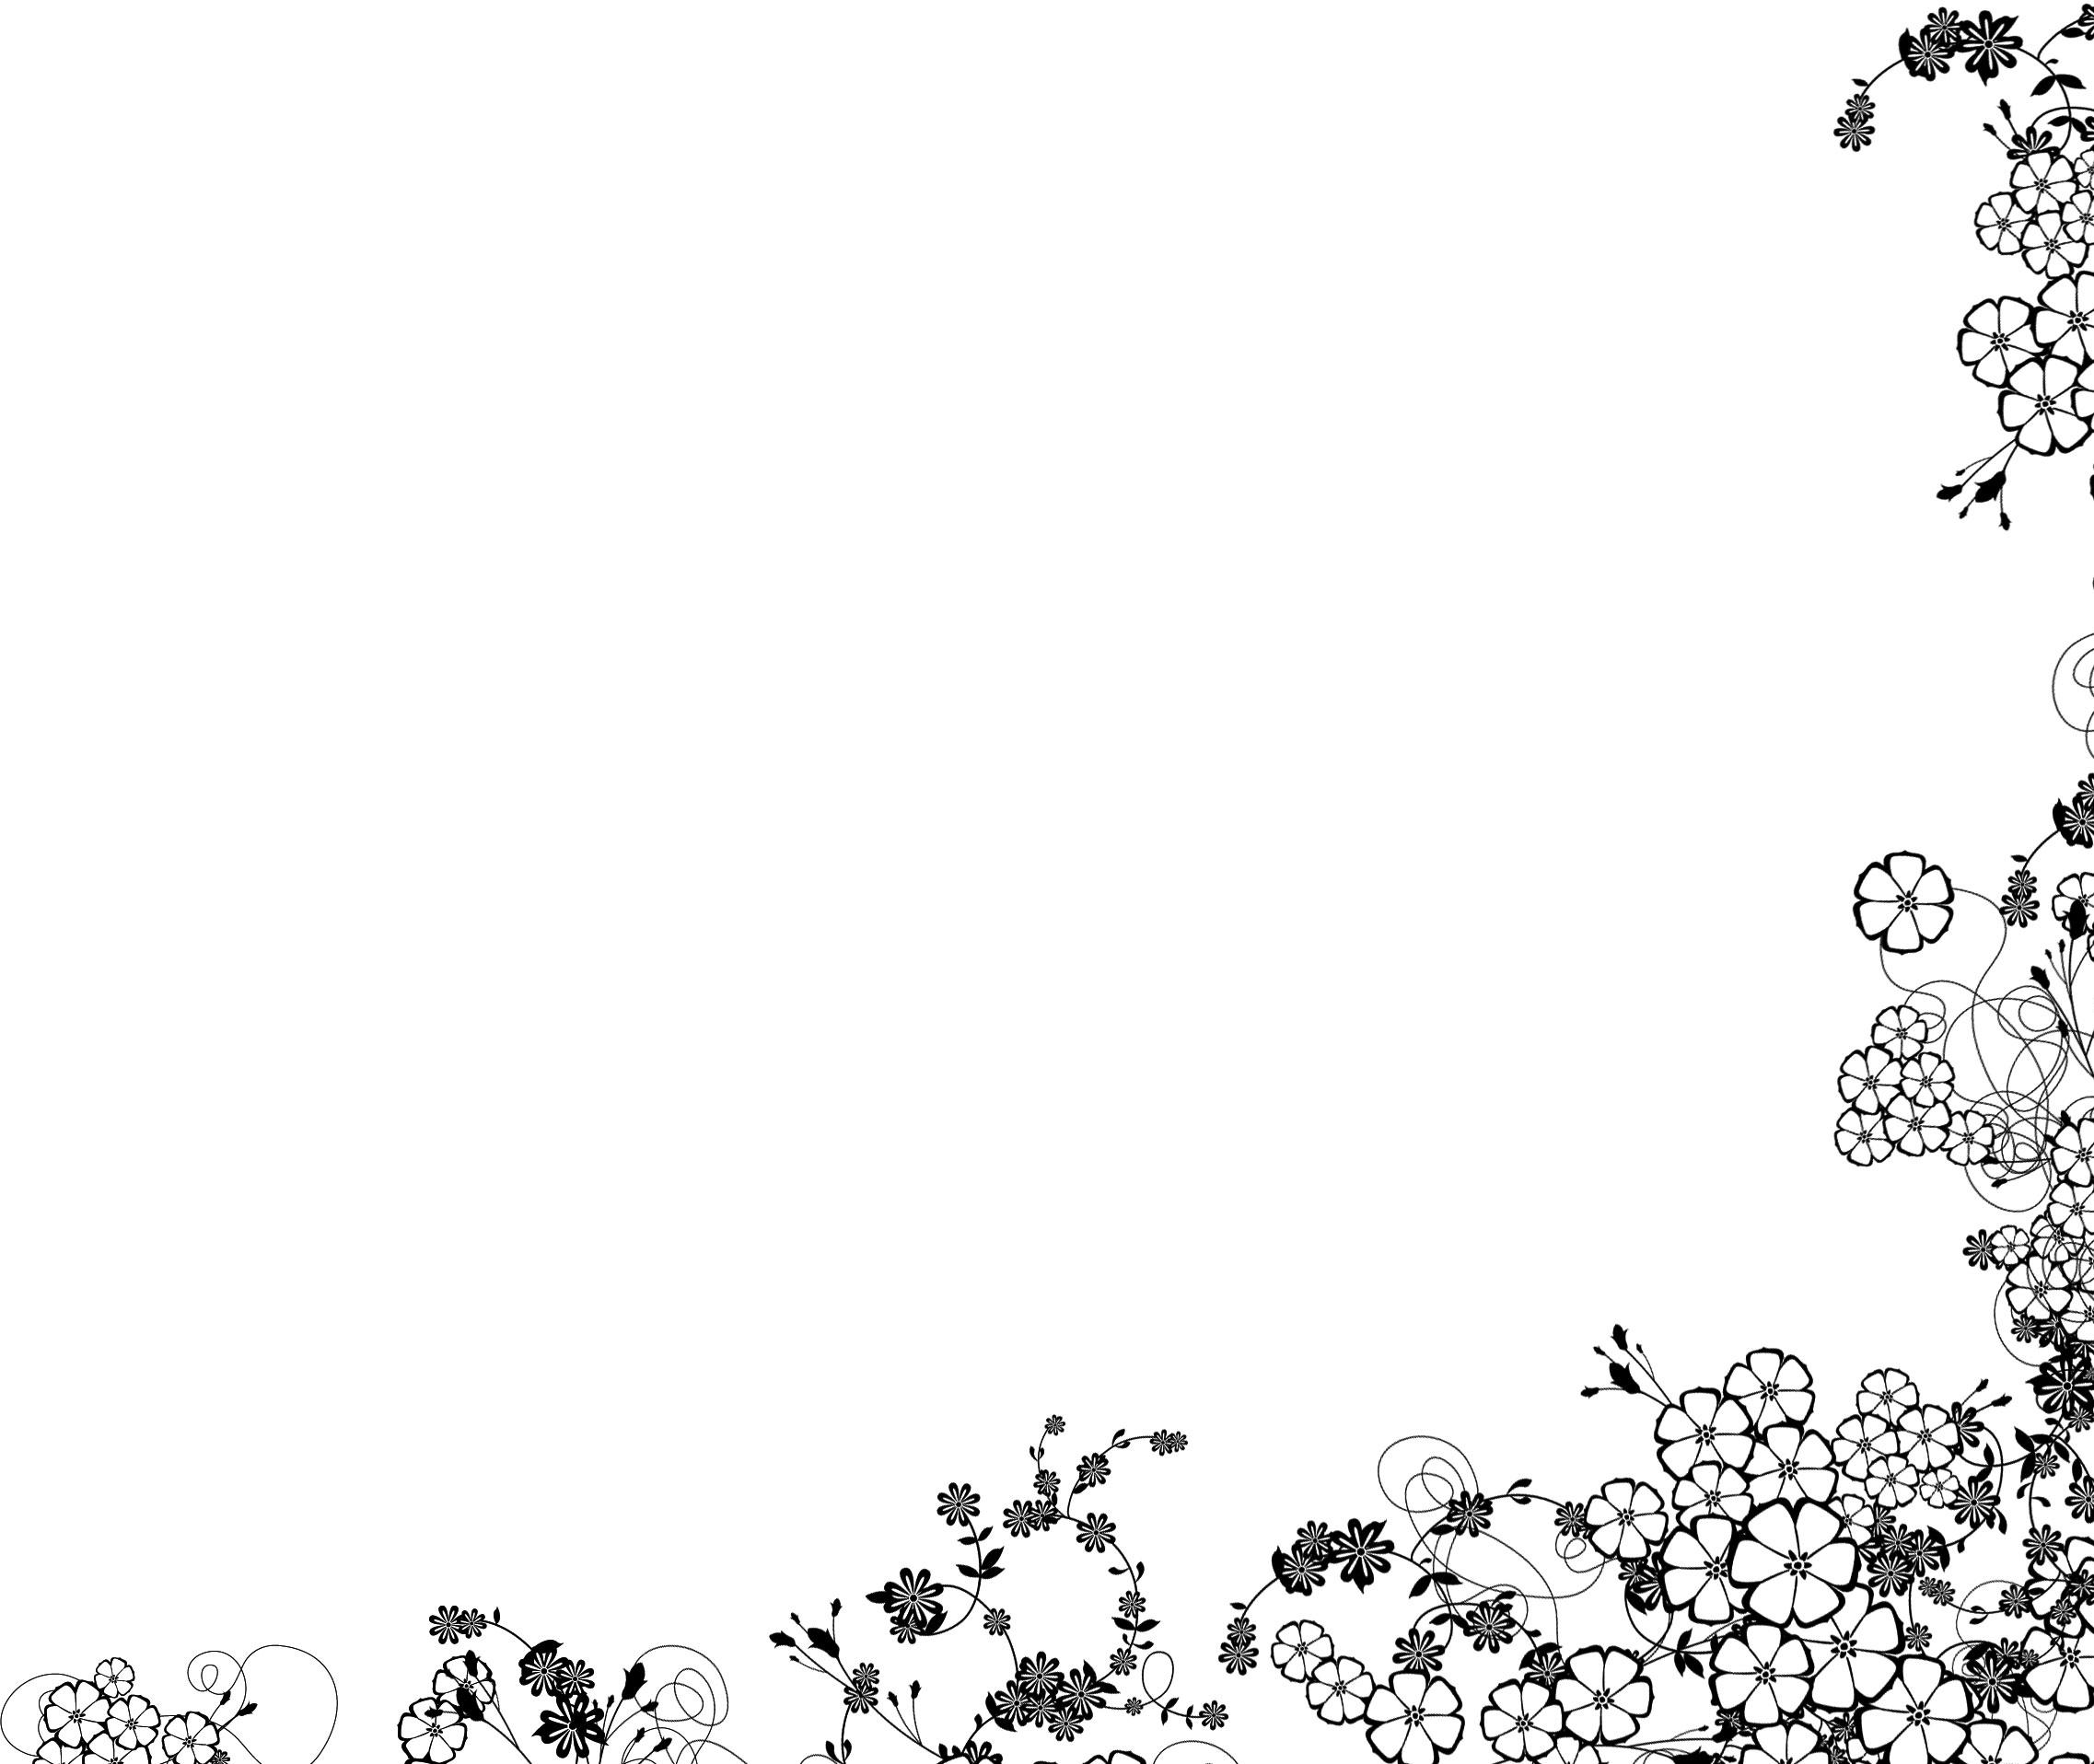 白黒モノクロの花のイラストフリー素材ライン線コーナー用no892